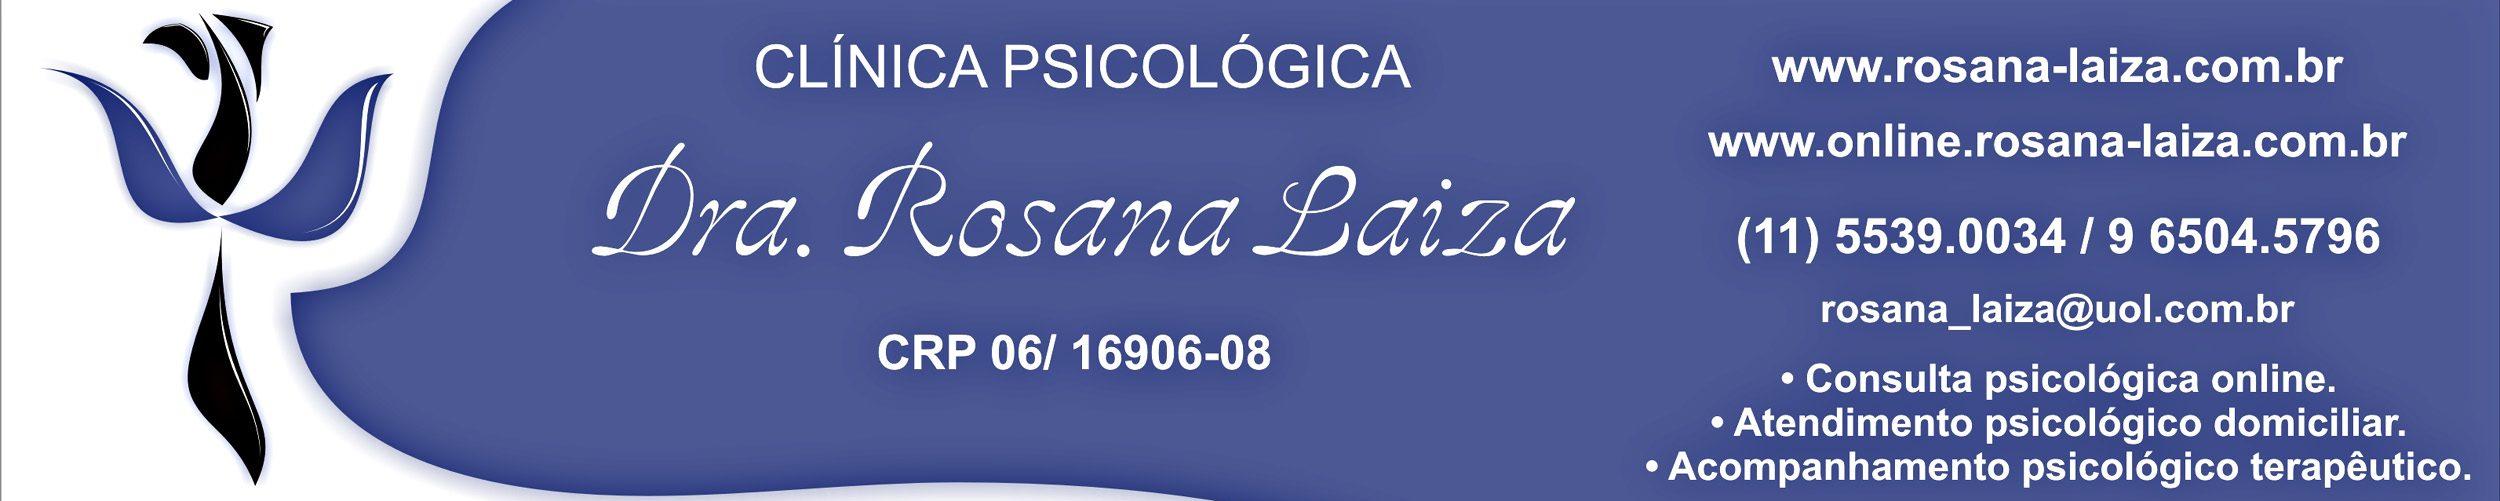 Rosana Laiza- Clínica Psicológica